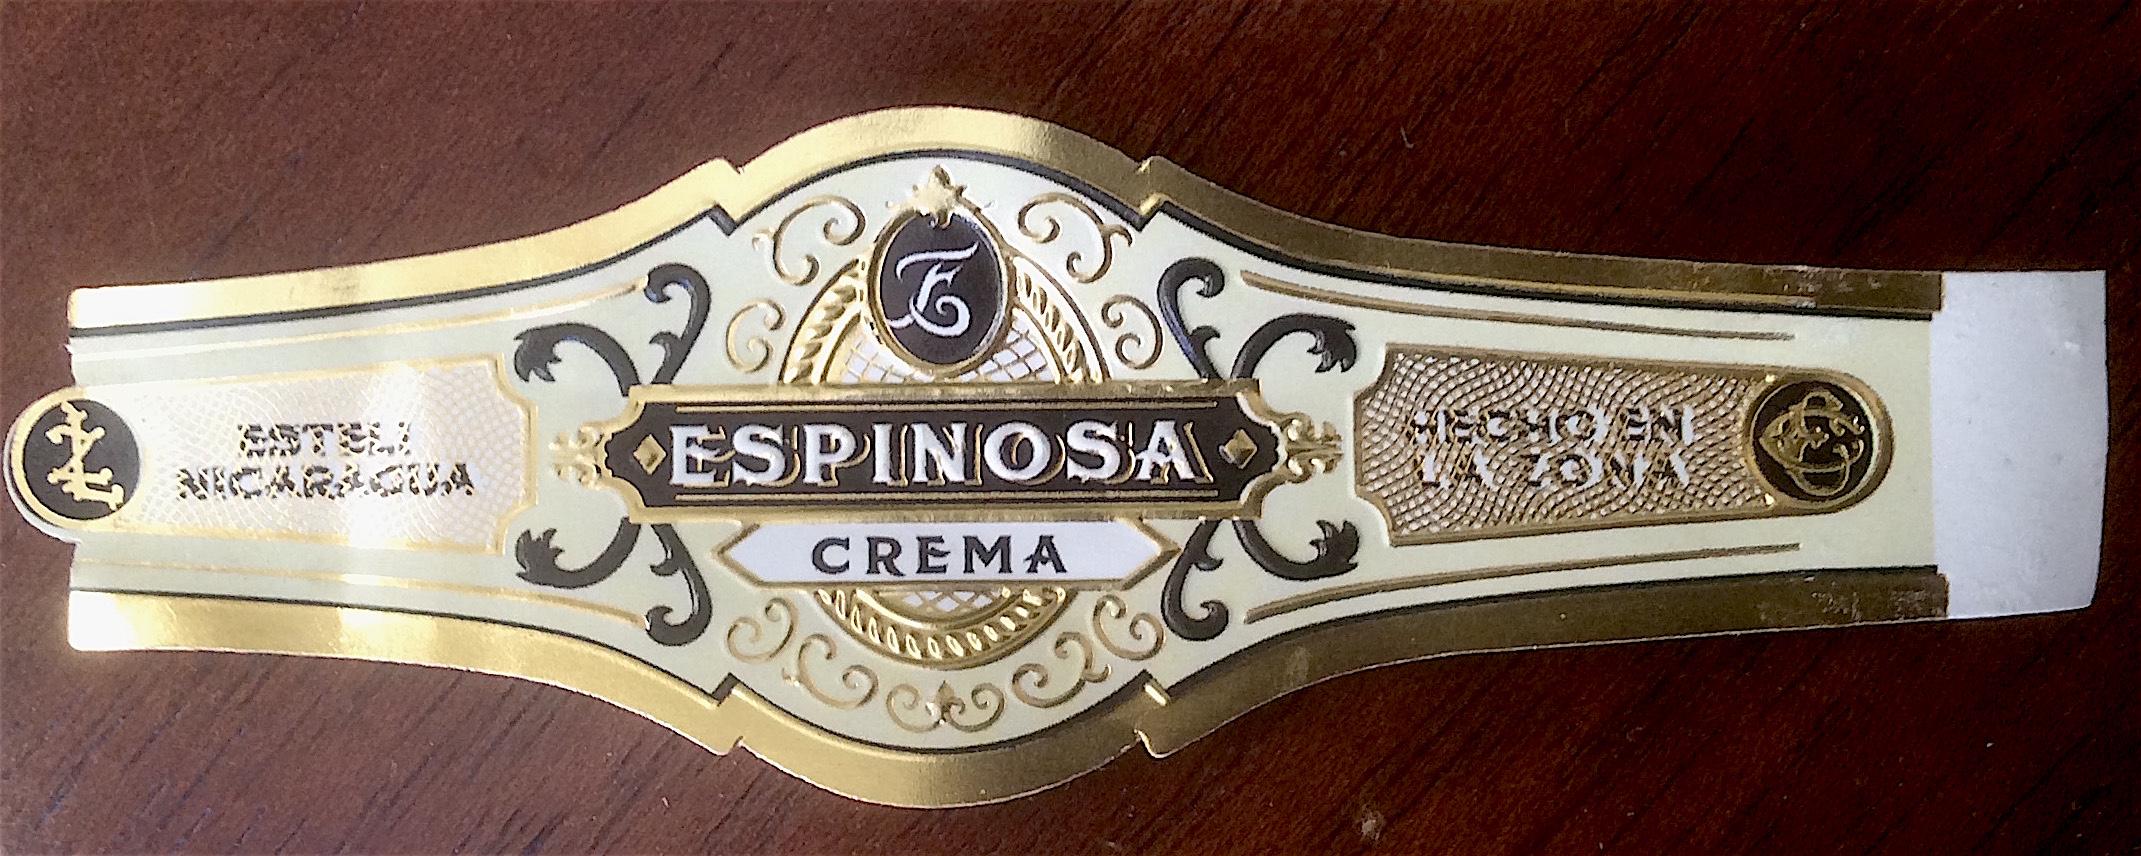 espinosa_crema_band_